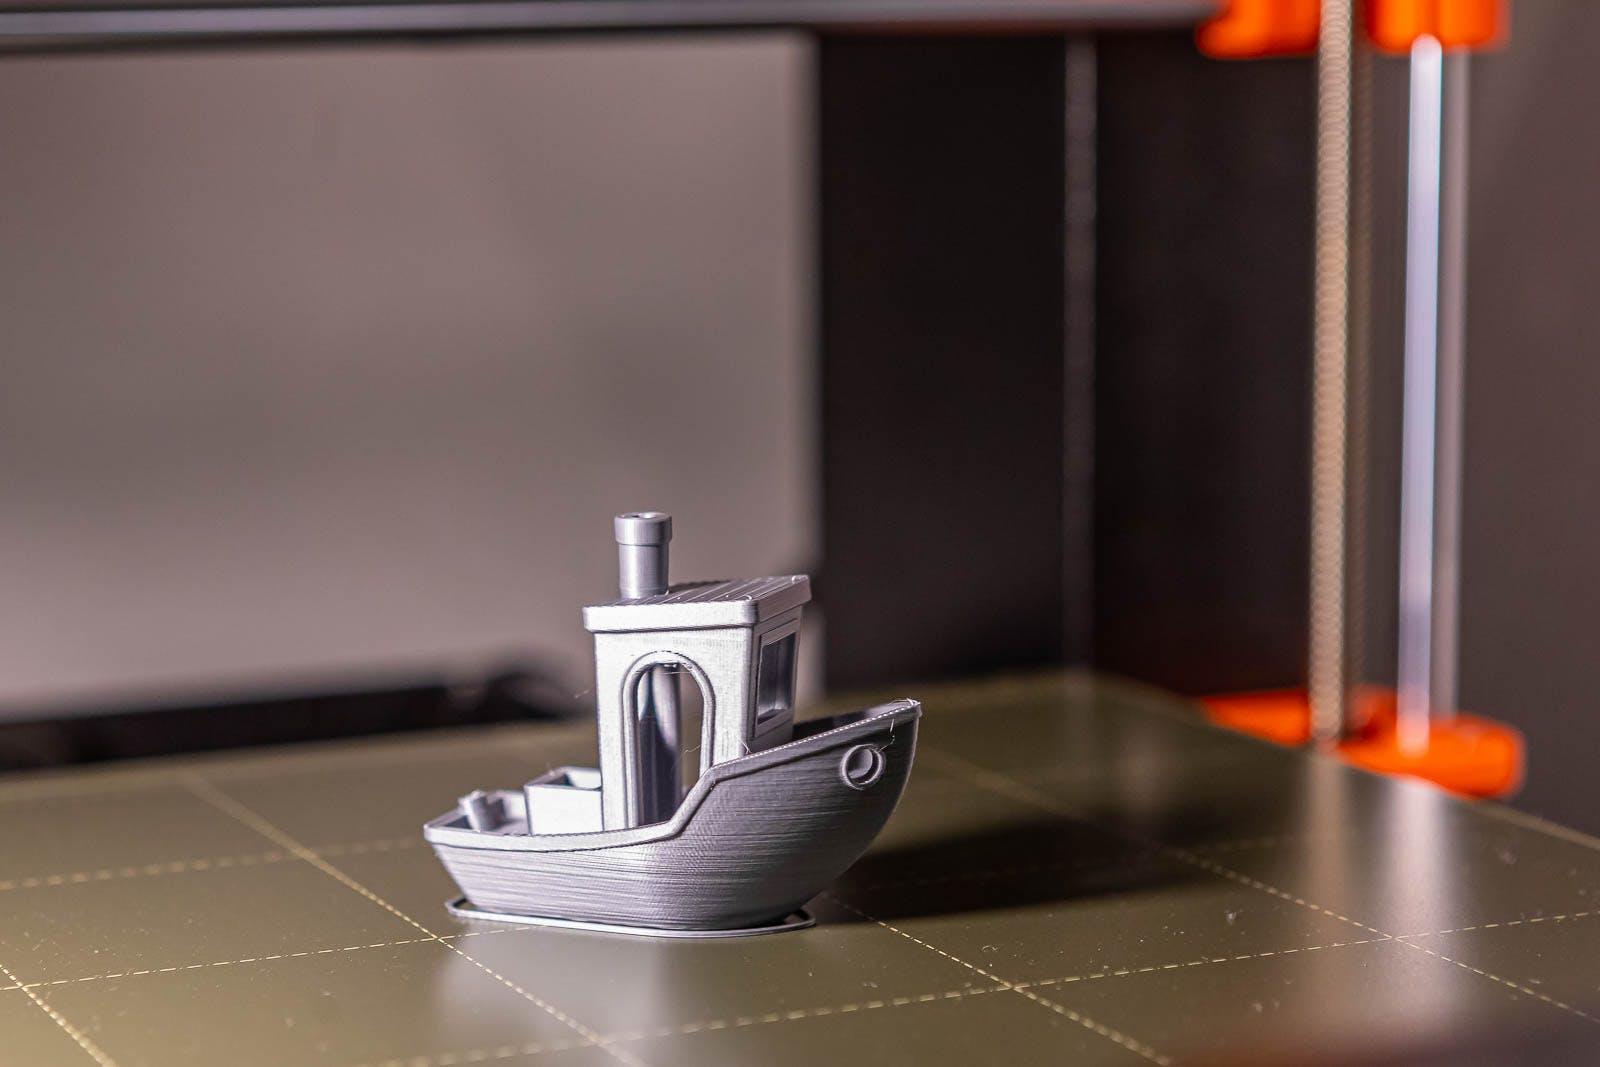 Testovací výtisk z naší 3D tiskárny PRUSA I3 MK3S+